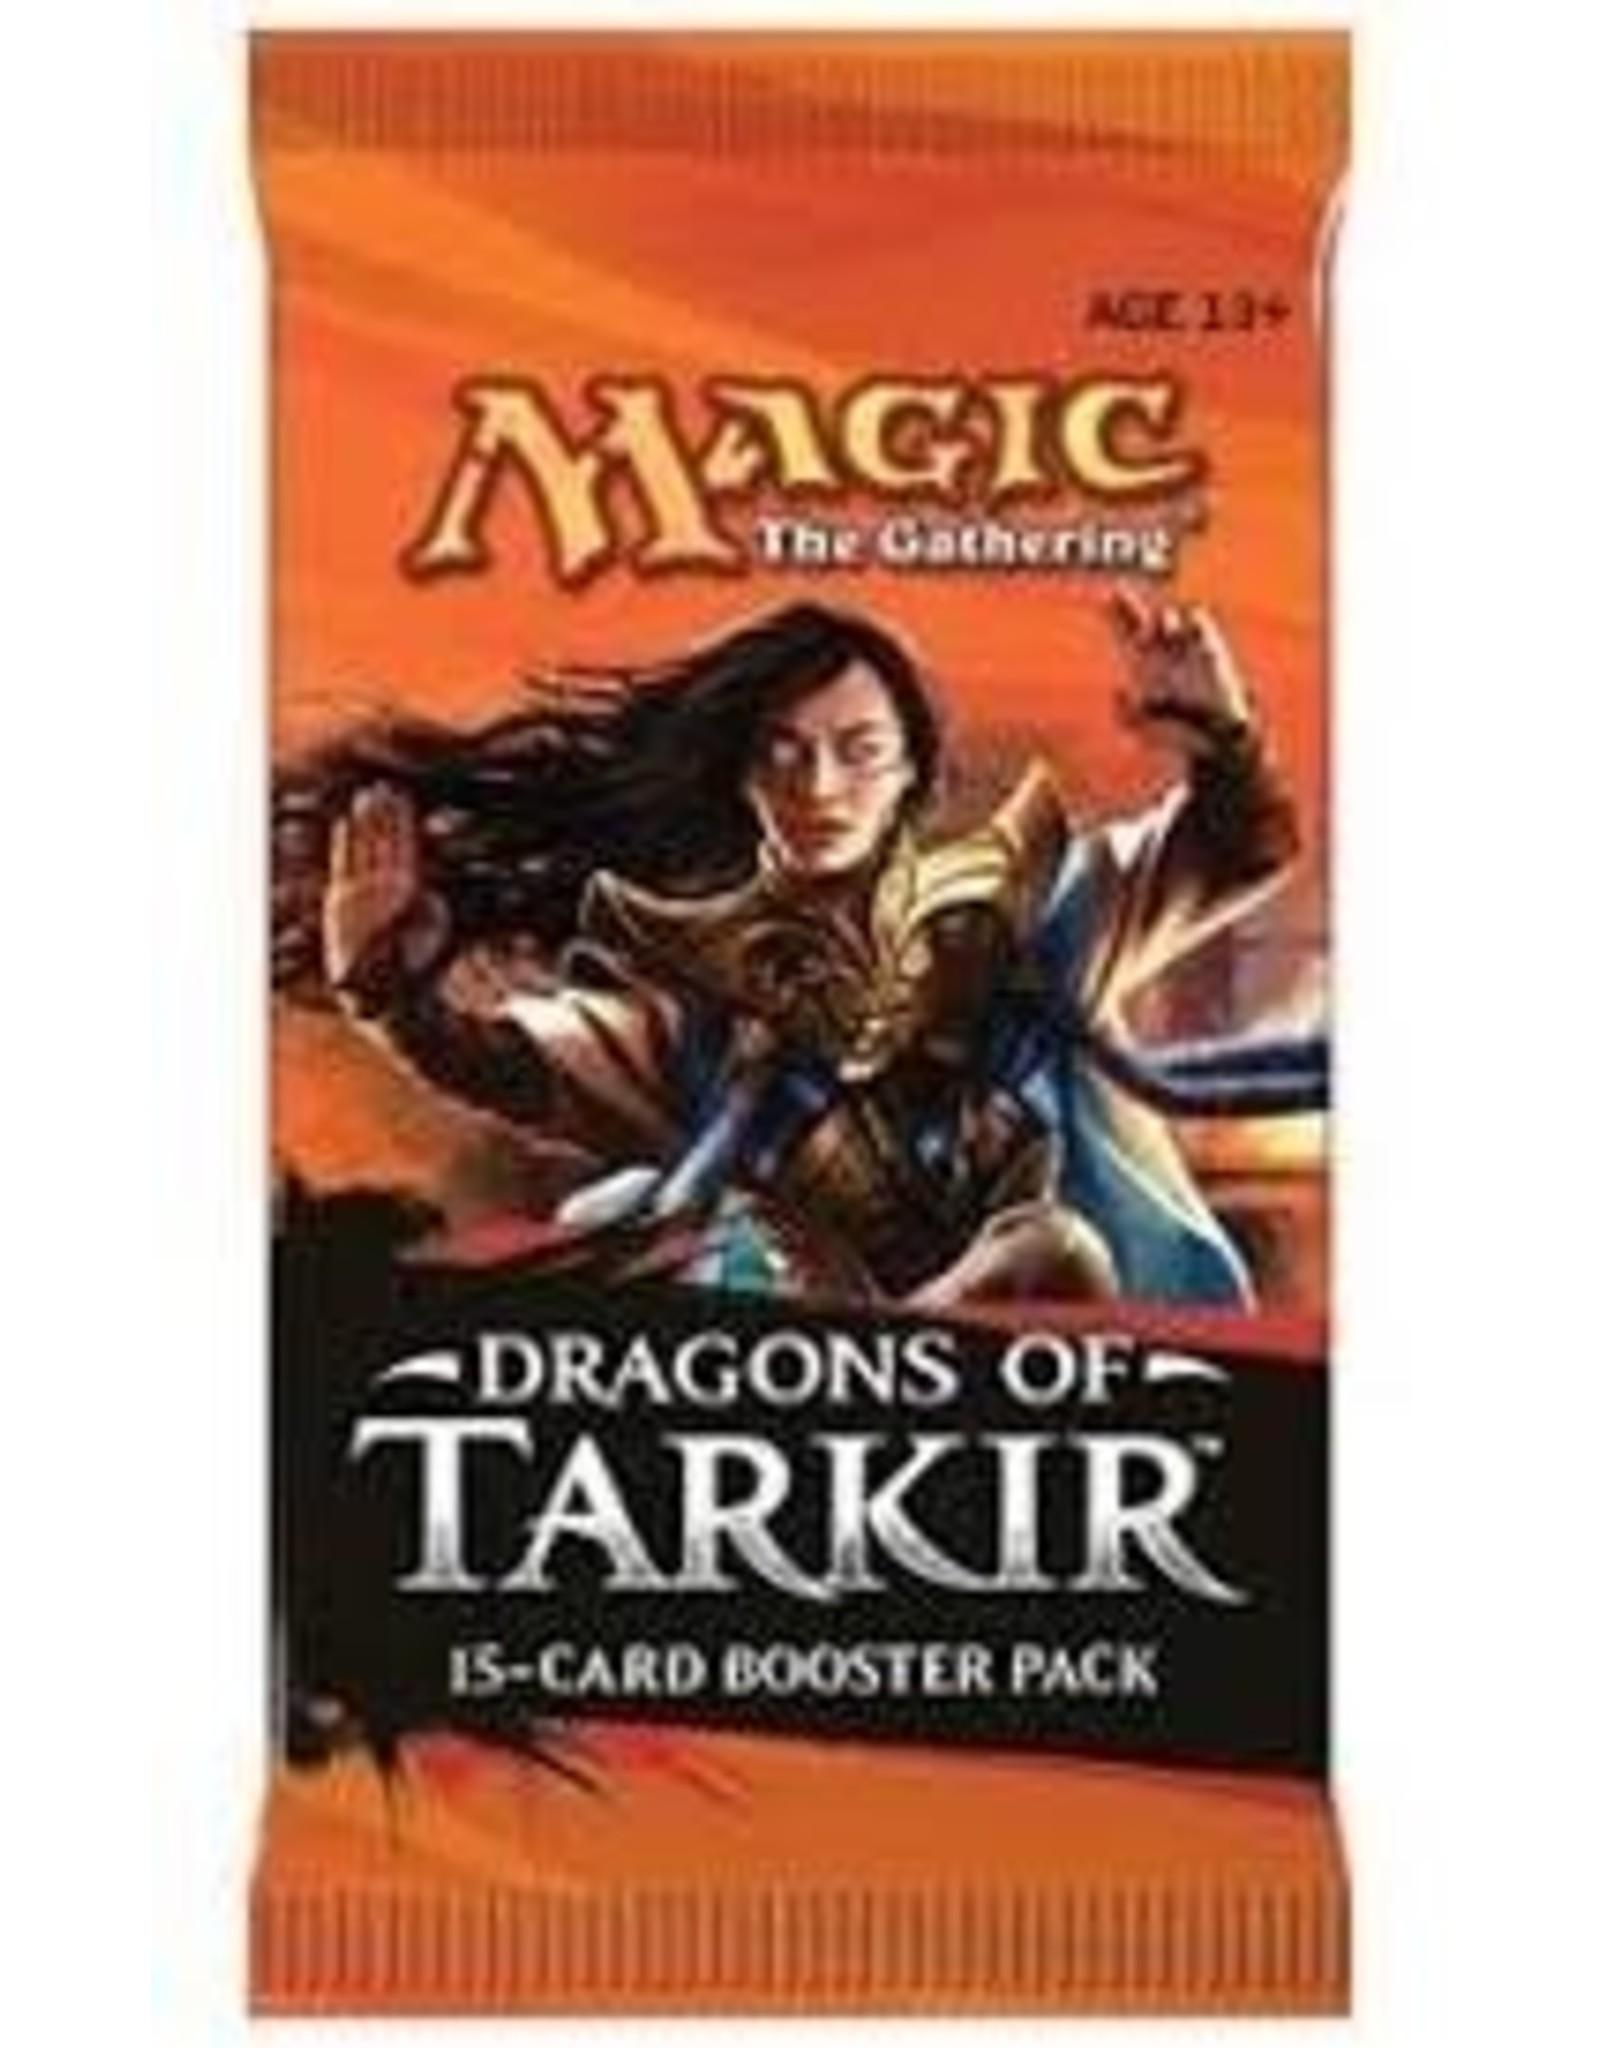 Magic MTG: Dragons of Tarkir Booster Pack